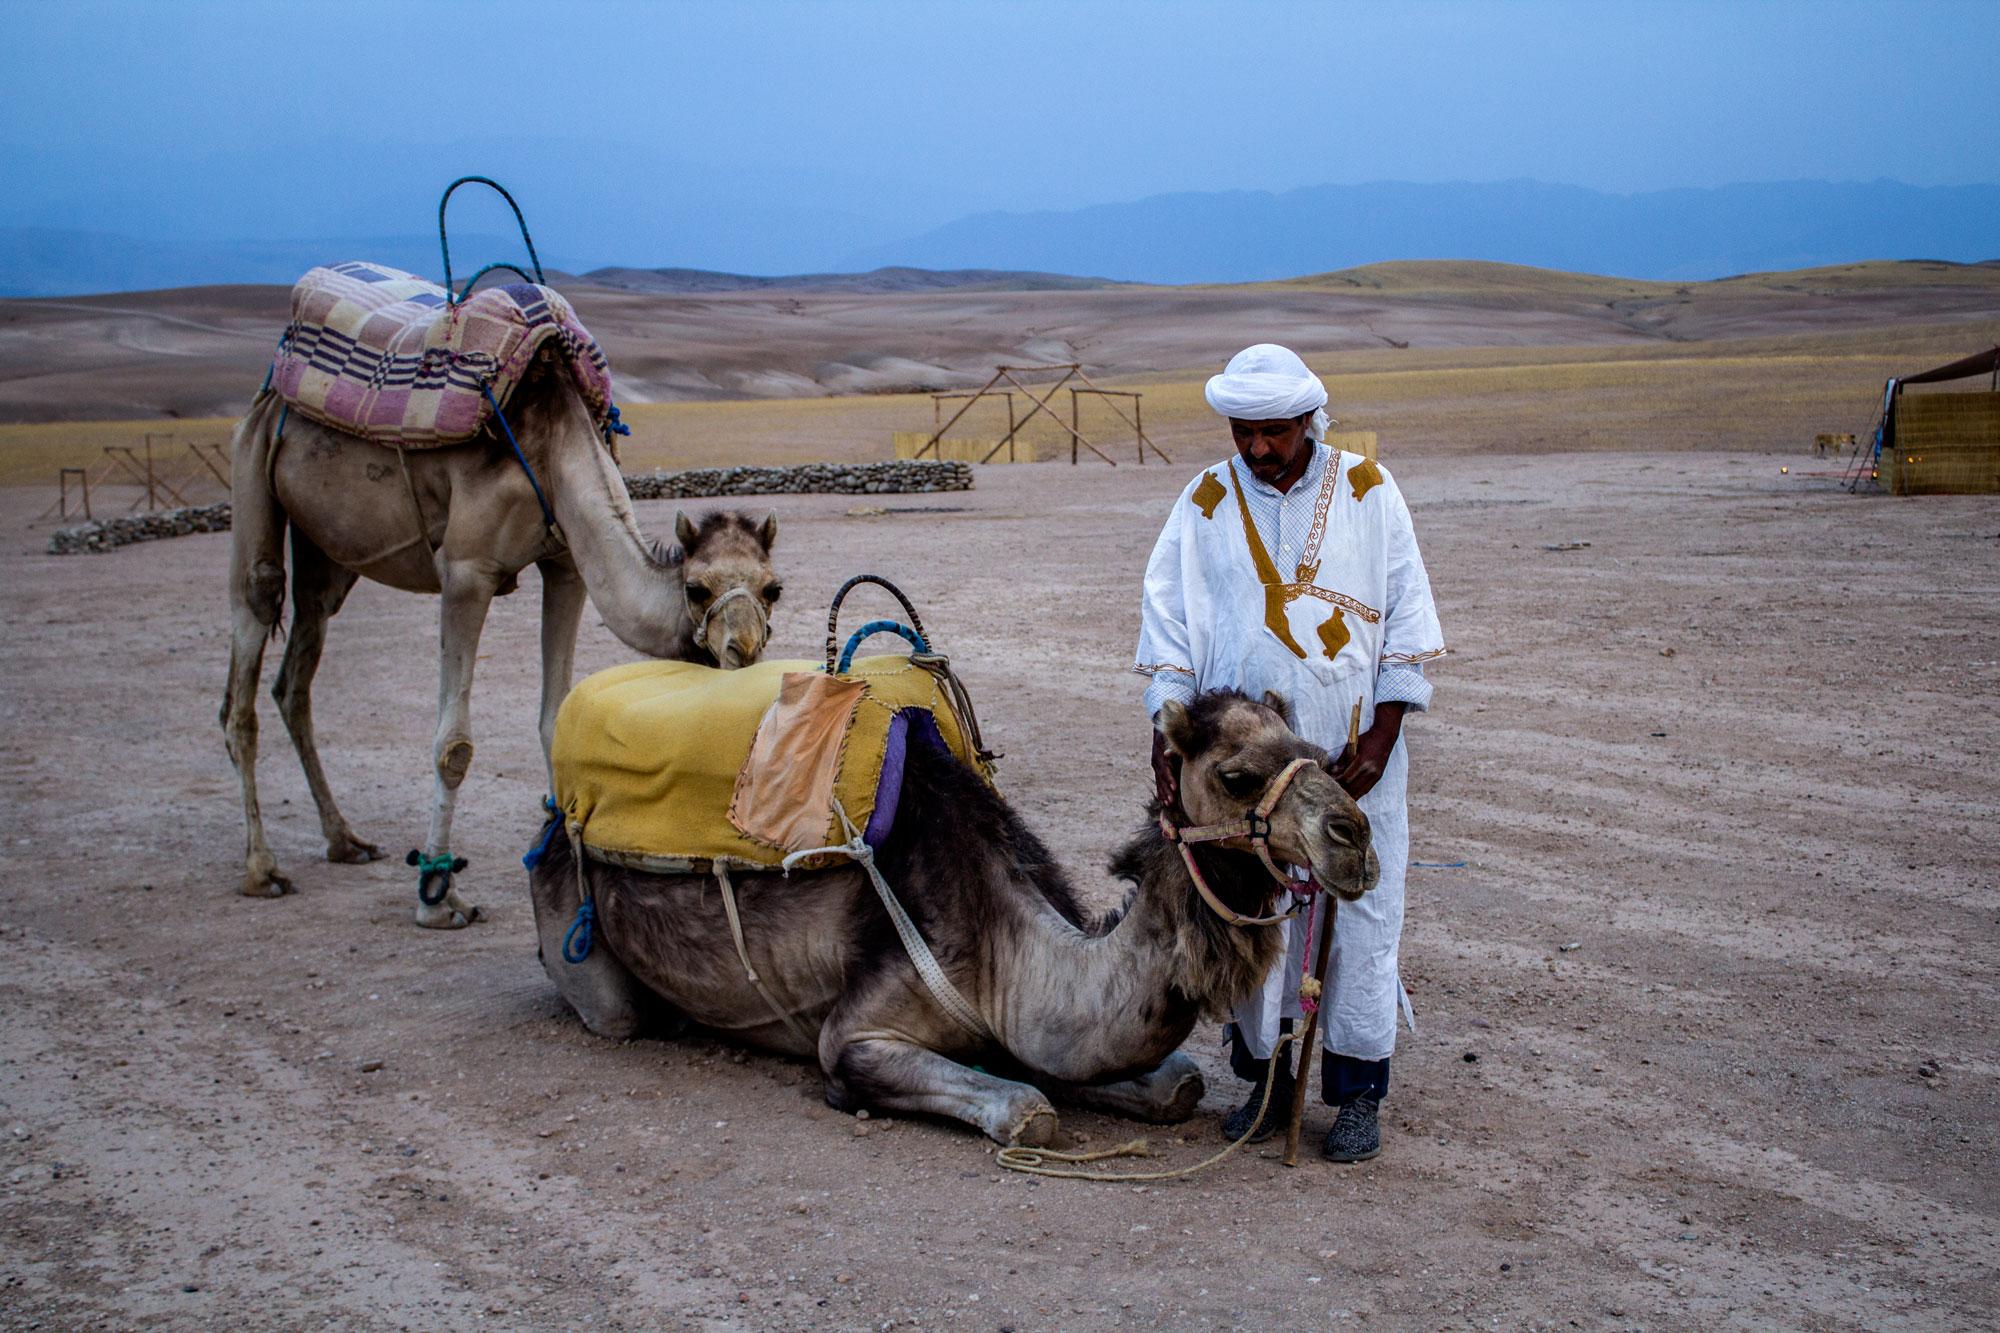 Morocco_Luxury_ Experience_desert